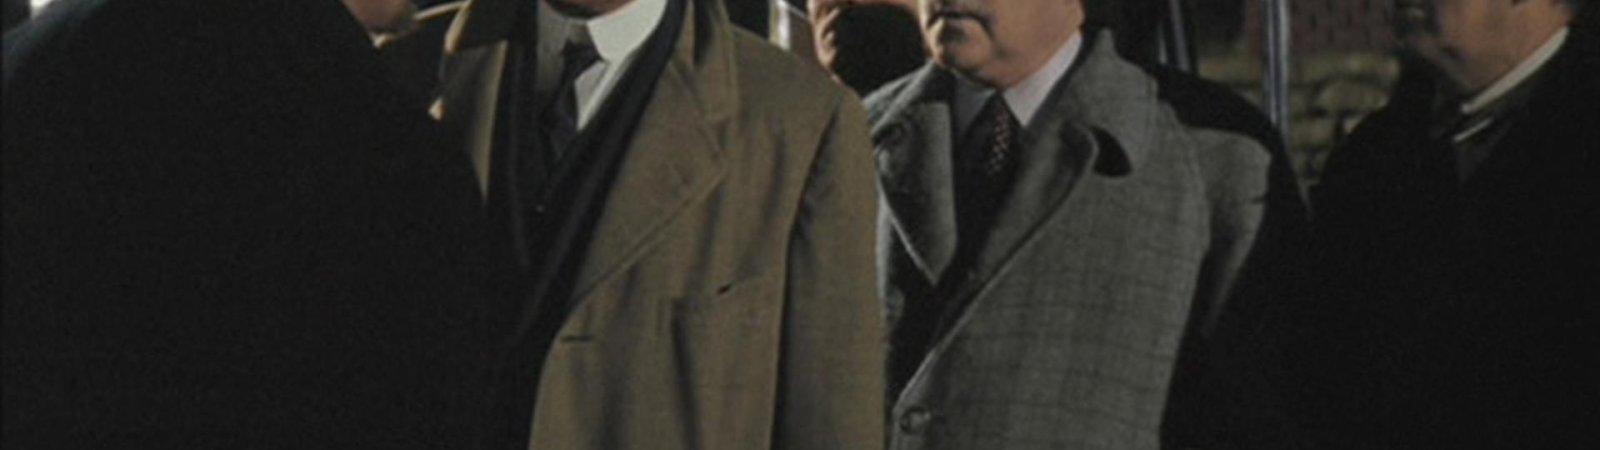 Photo du film : Sherlock Holmes et l'arme secrète